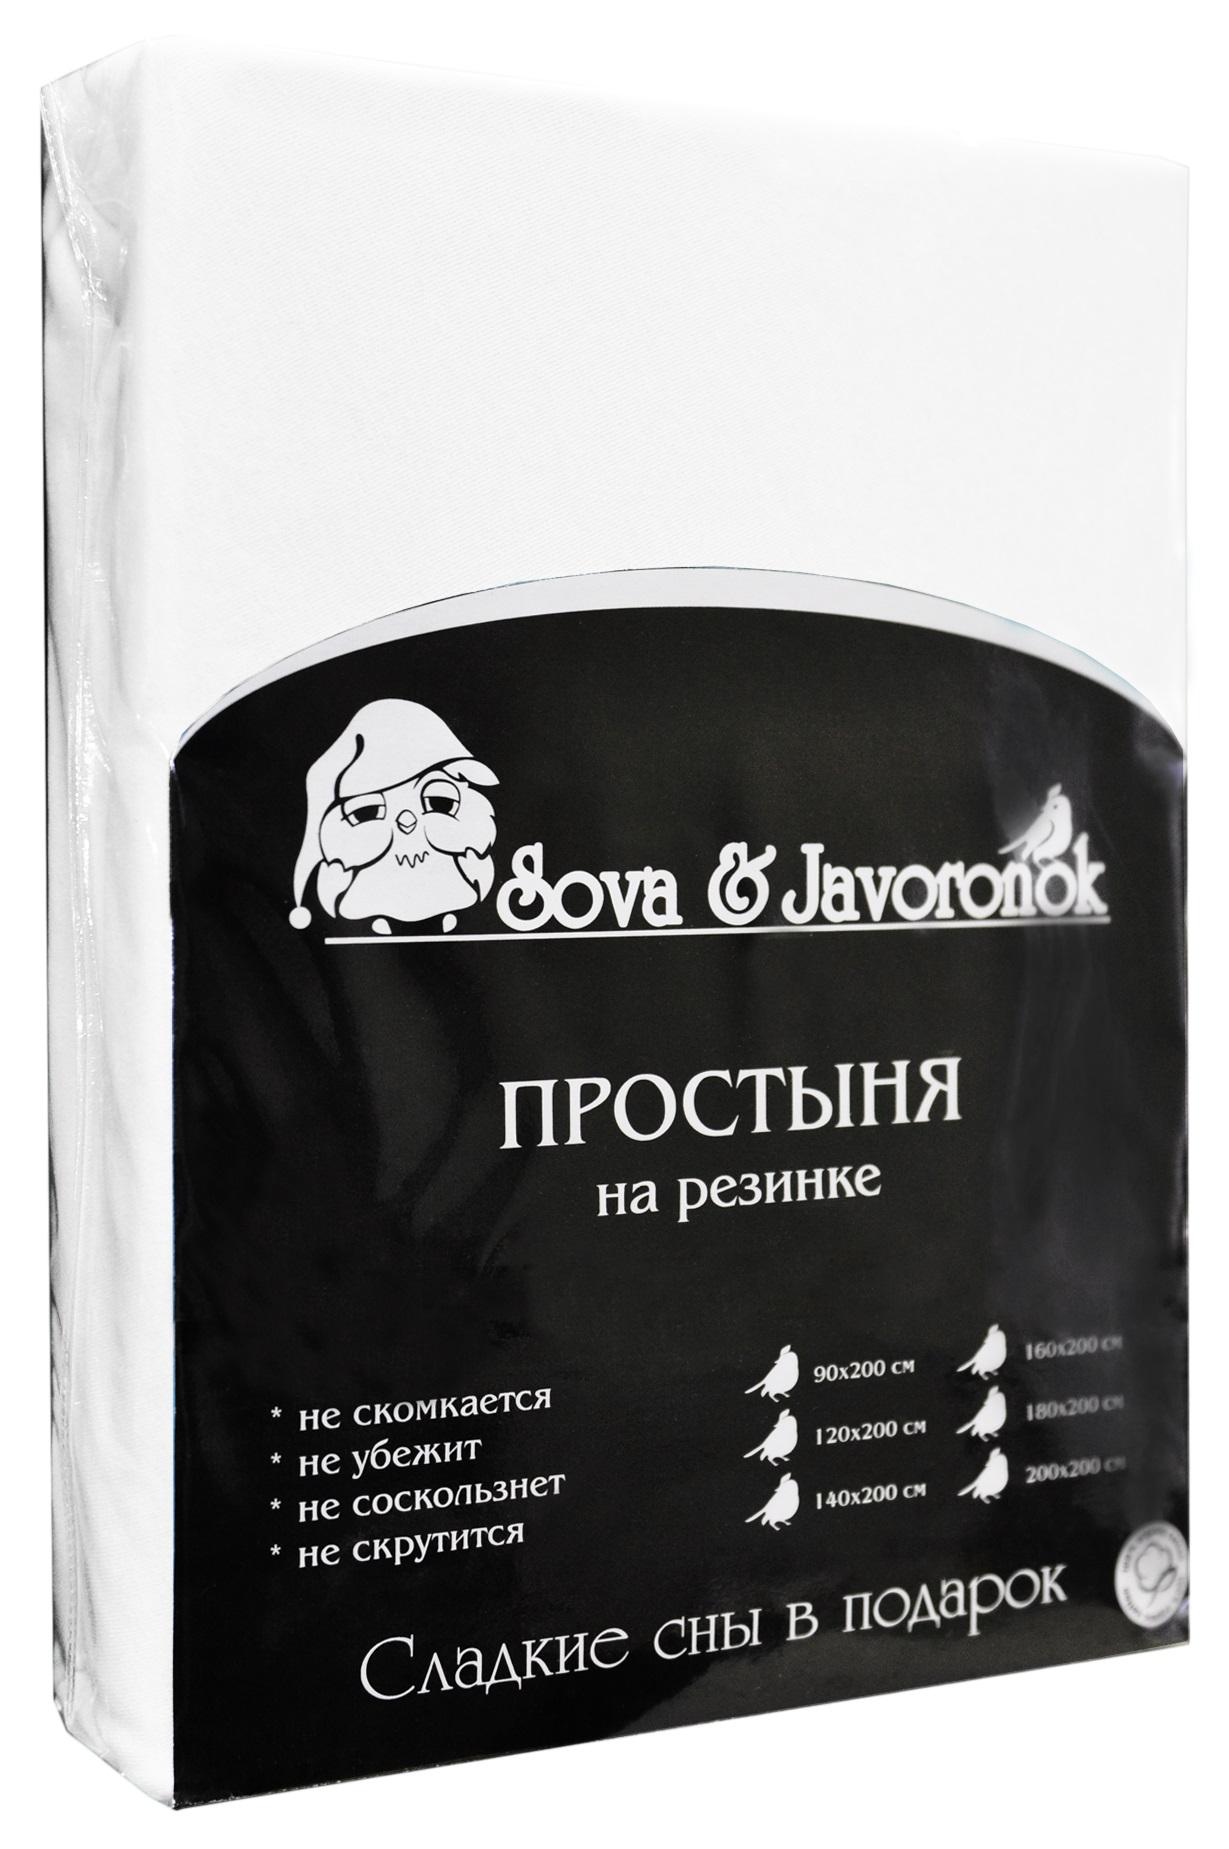 Простыня на резинке Sova & Javoronok, цвет: белый, 160 х 200 см0803113929Простыня на резинке Sova & Javoronok, изготовленная из трикотажной ткани (100% хлопок), будет превосходно смотреться с любыми комплектами белья. Хлопчатобумажный трикотаж по праву считается одним из самых качественных, прочных и при этом приятных на ощупь. Его гигиеничность позволяет использовать простыню и в детских комнатах, к тому же 100%-ый хлопок в составе ткани не вызовет аллергии. У трикотажного полотна очень интересная структура, немного рыхлая за счет отсутствия плотного переплетения нитей и наличия особых петель, благодаря этому простыня Сова и Жаворонок отлично пропускает воздух и способствует его постоянной циркуляции. Поэтому ваша постель будет всегда оставаться свежей. Но главное и, пожалуй, самое известное свойство трикотажа - это его великолепная растяжимость, поэтому эта ткань и была выбрана для натяжной простыни на резинке. Простыня прошита резинкой по всему периметру, что обеспечивает более комфортный отдых, так как она прочно удерживается на матрасе и...